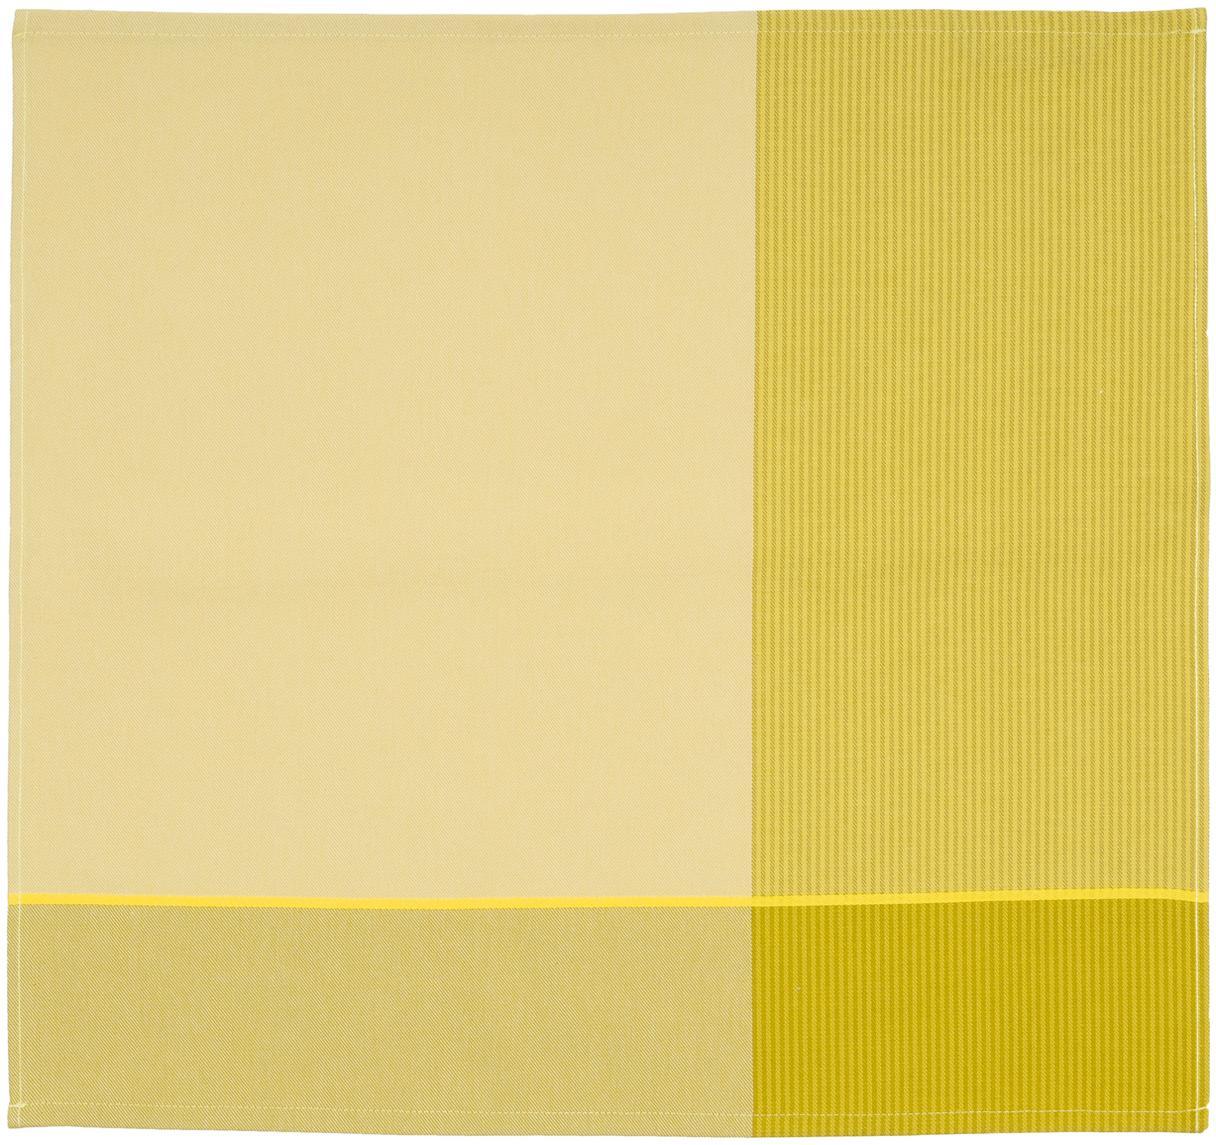 Geschirrtücher Blend in Gelb , 6 Stück, Baumwolle, Gelbtöne, 60 x 65 cm